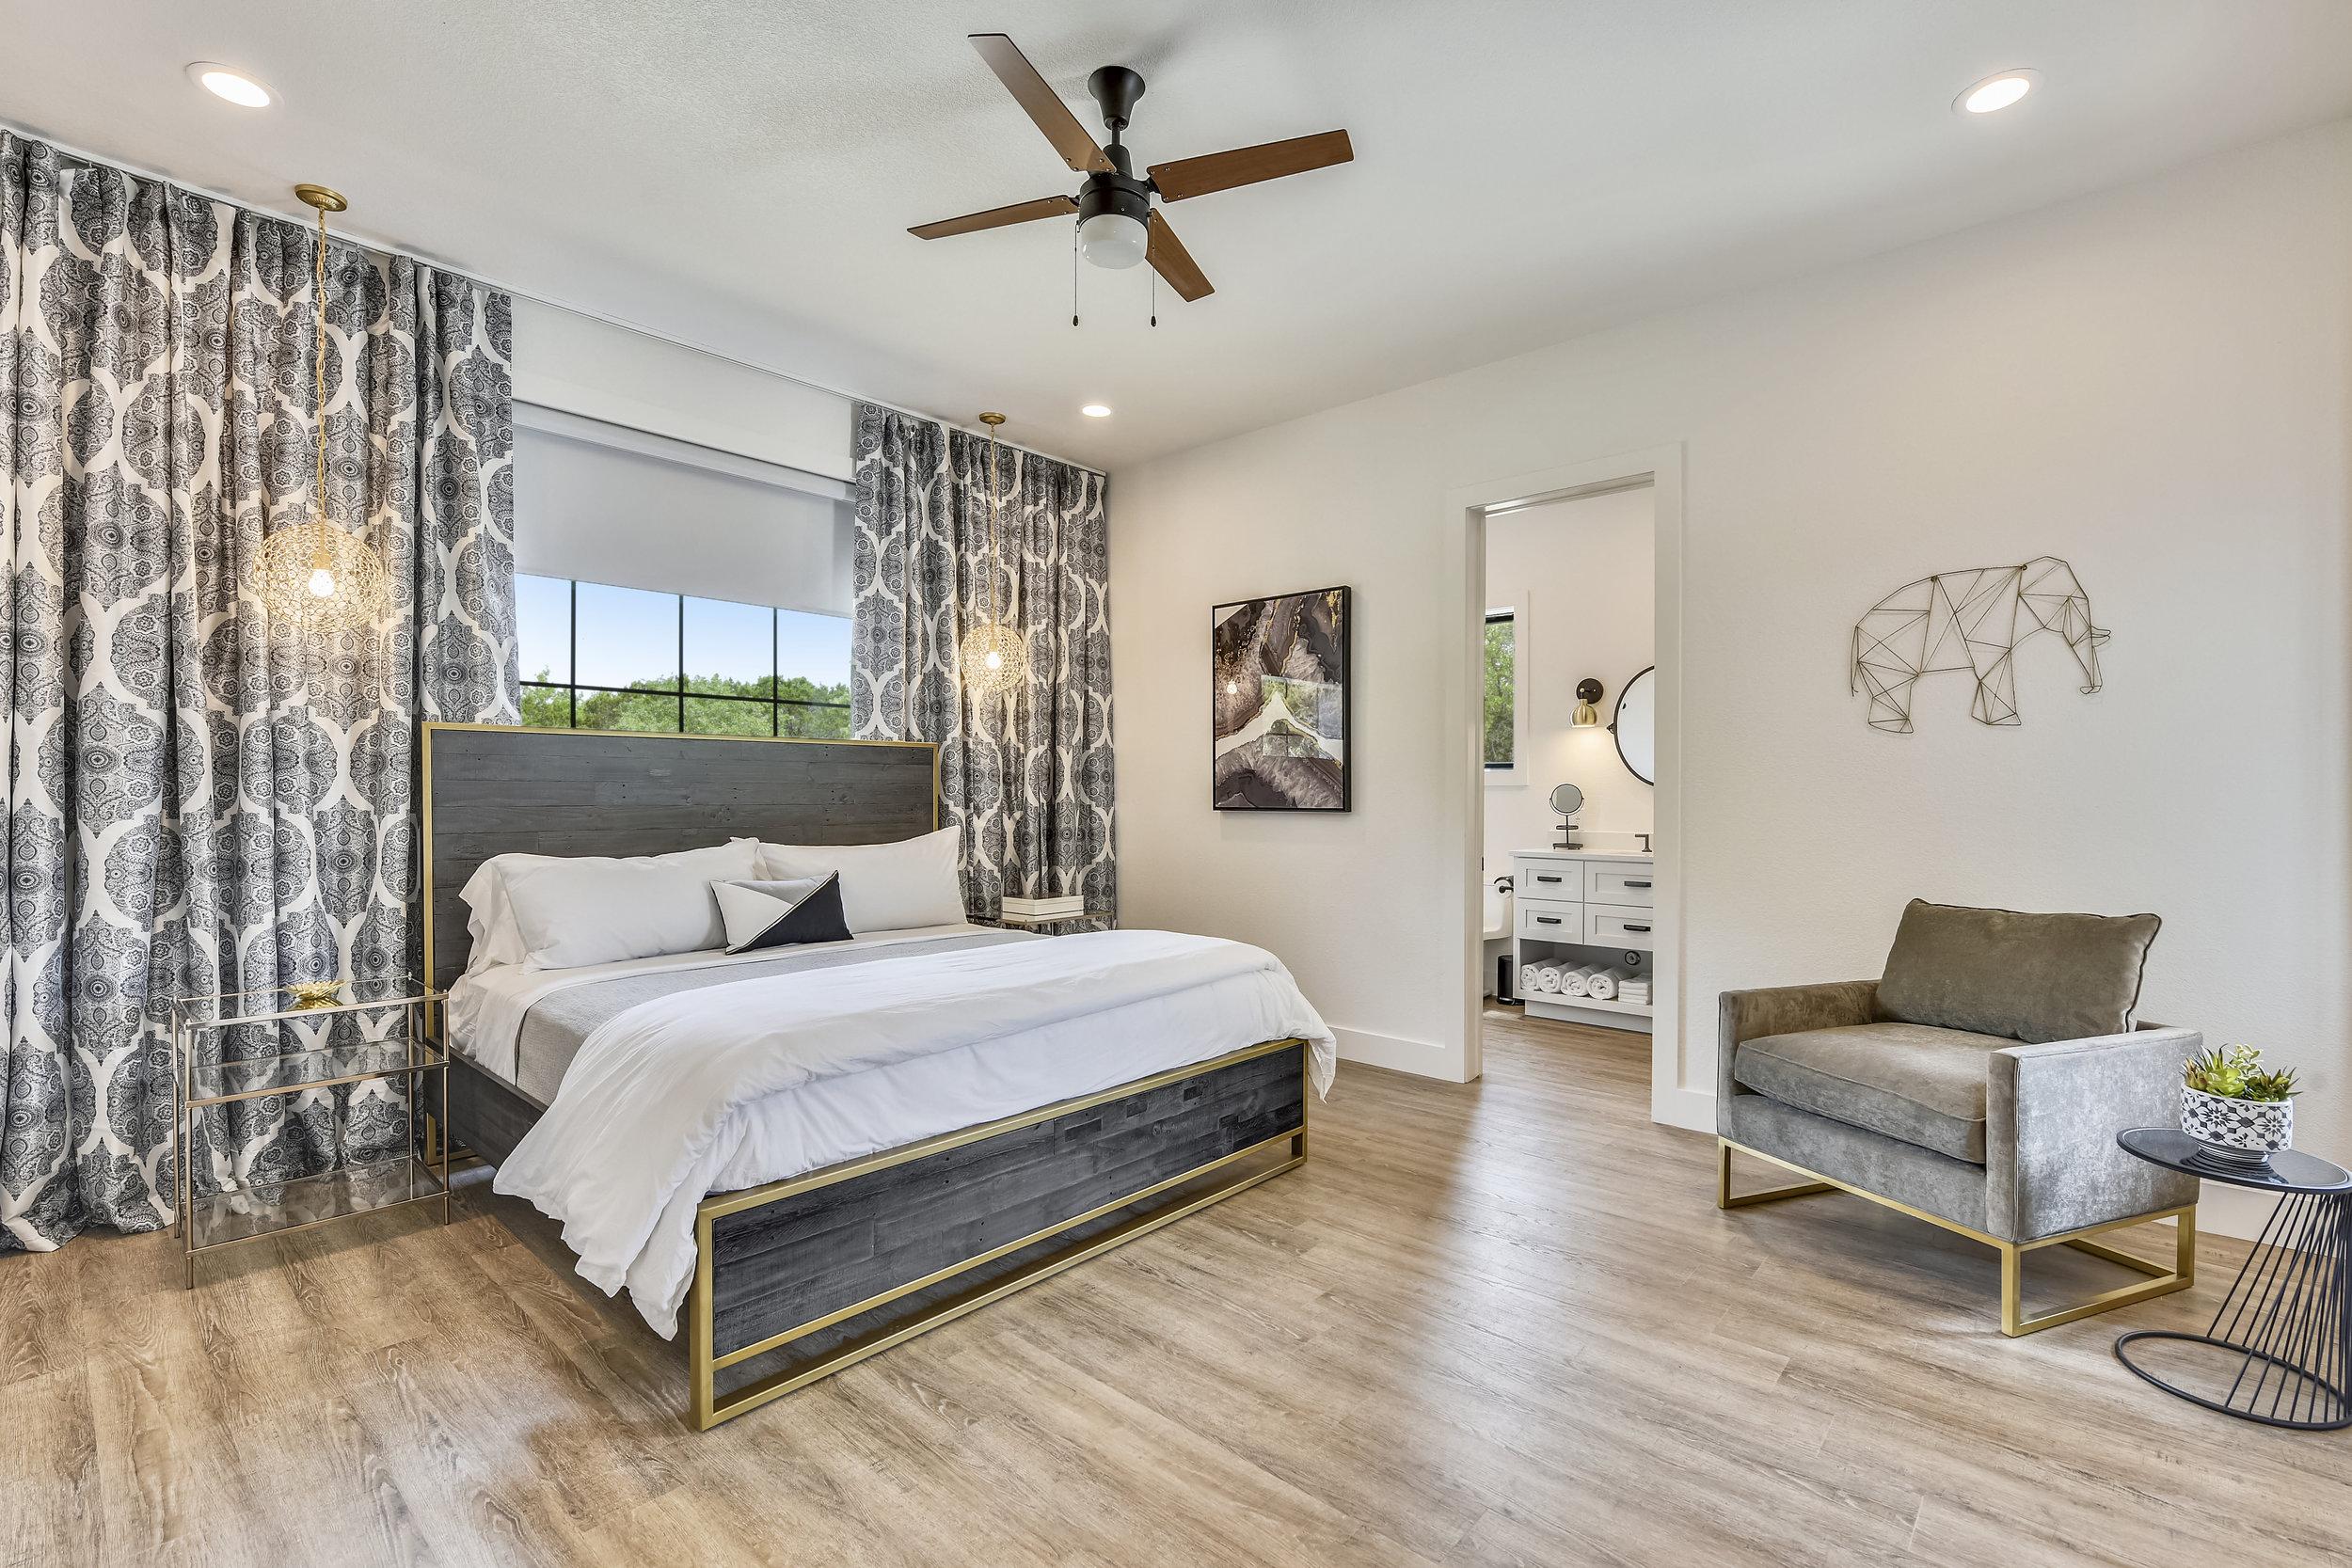 Lower Level-Bedroom-_DSC2814.JPG